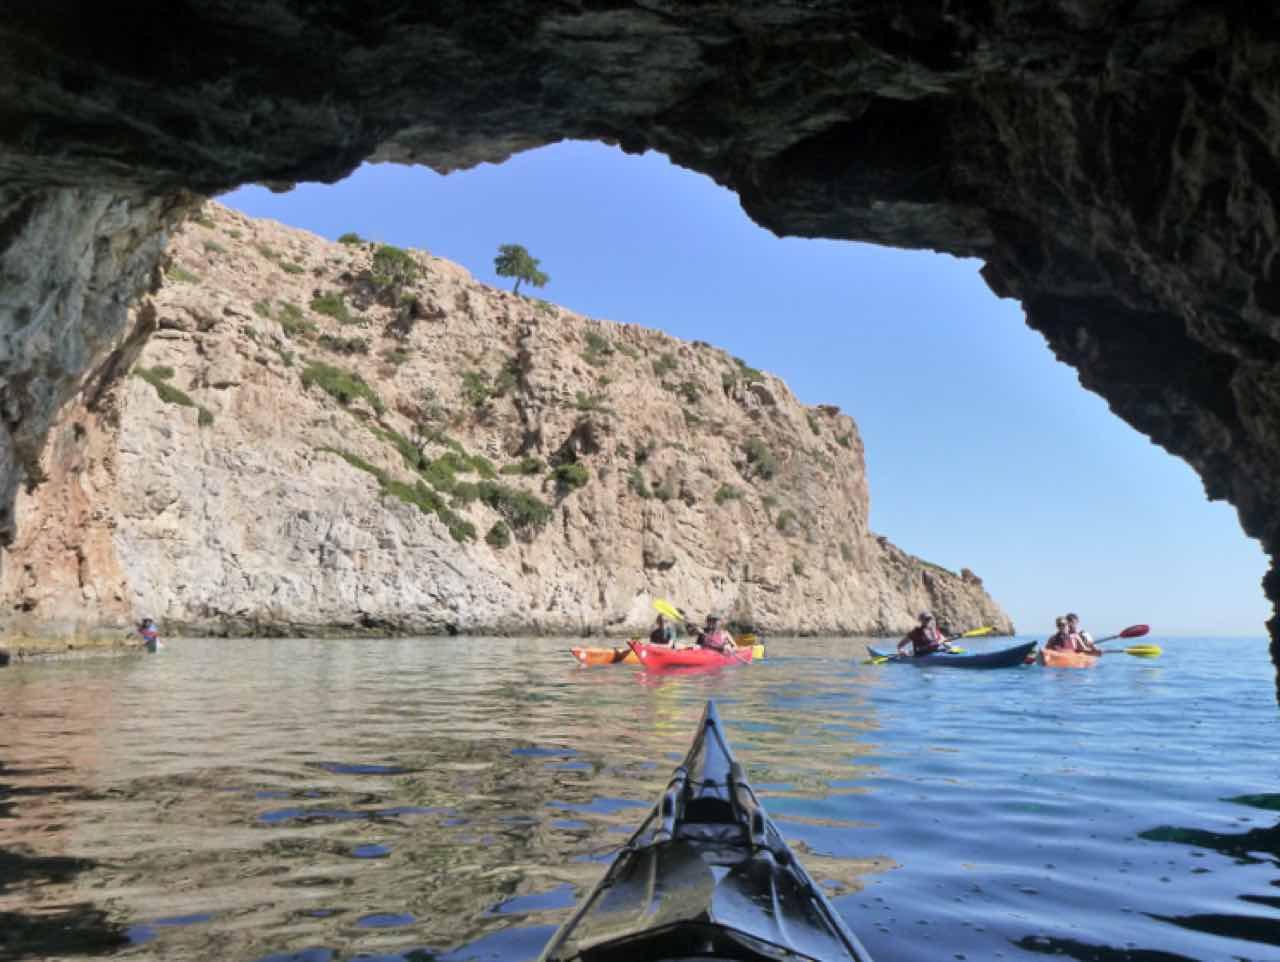 sea kayak daily trip agia pelagia lygaria, sea kayak trips crete, sea kayak best trips heraklion crete, activities heraklion crete, best activities iraklion crete